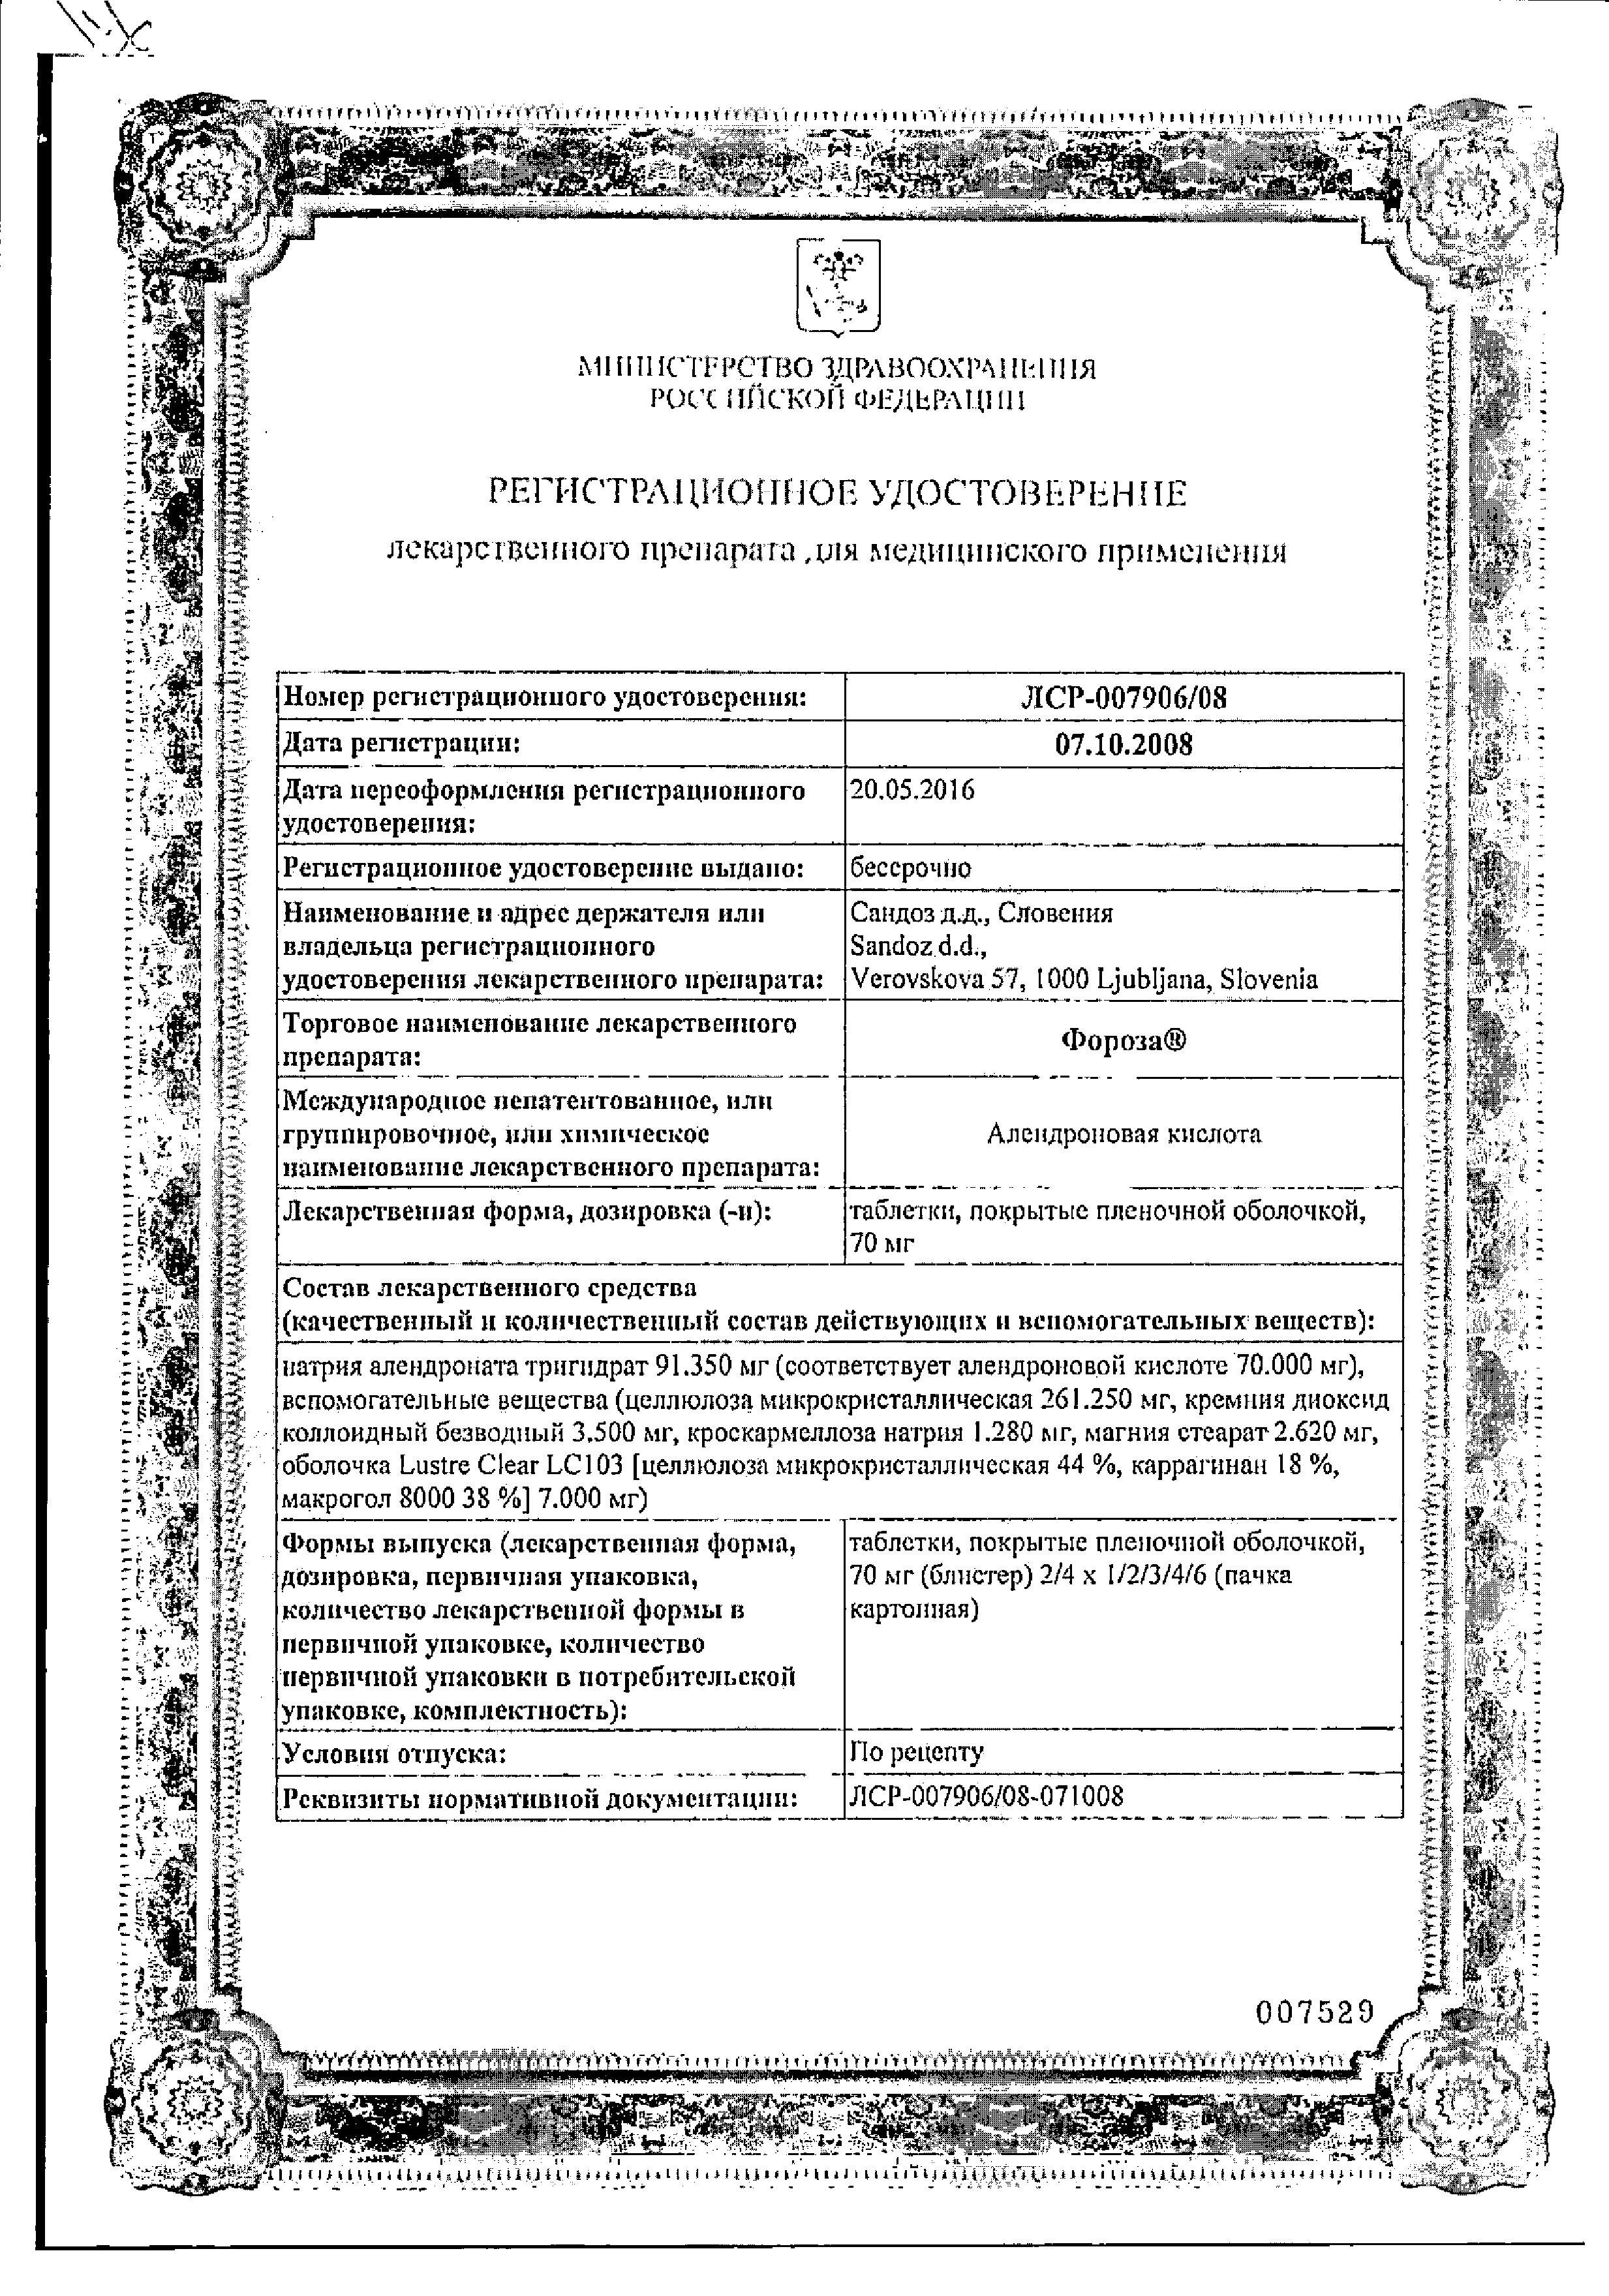 Фороза сертификат